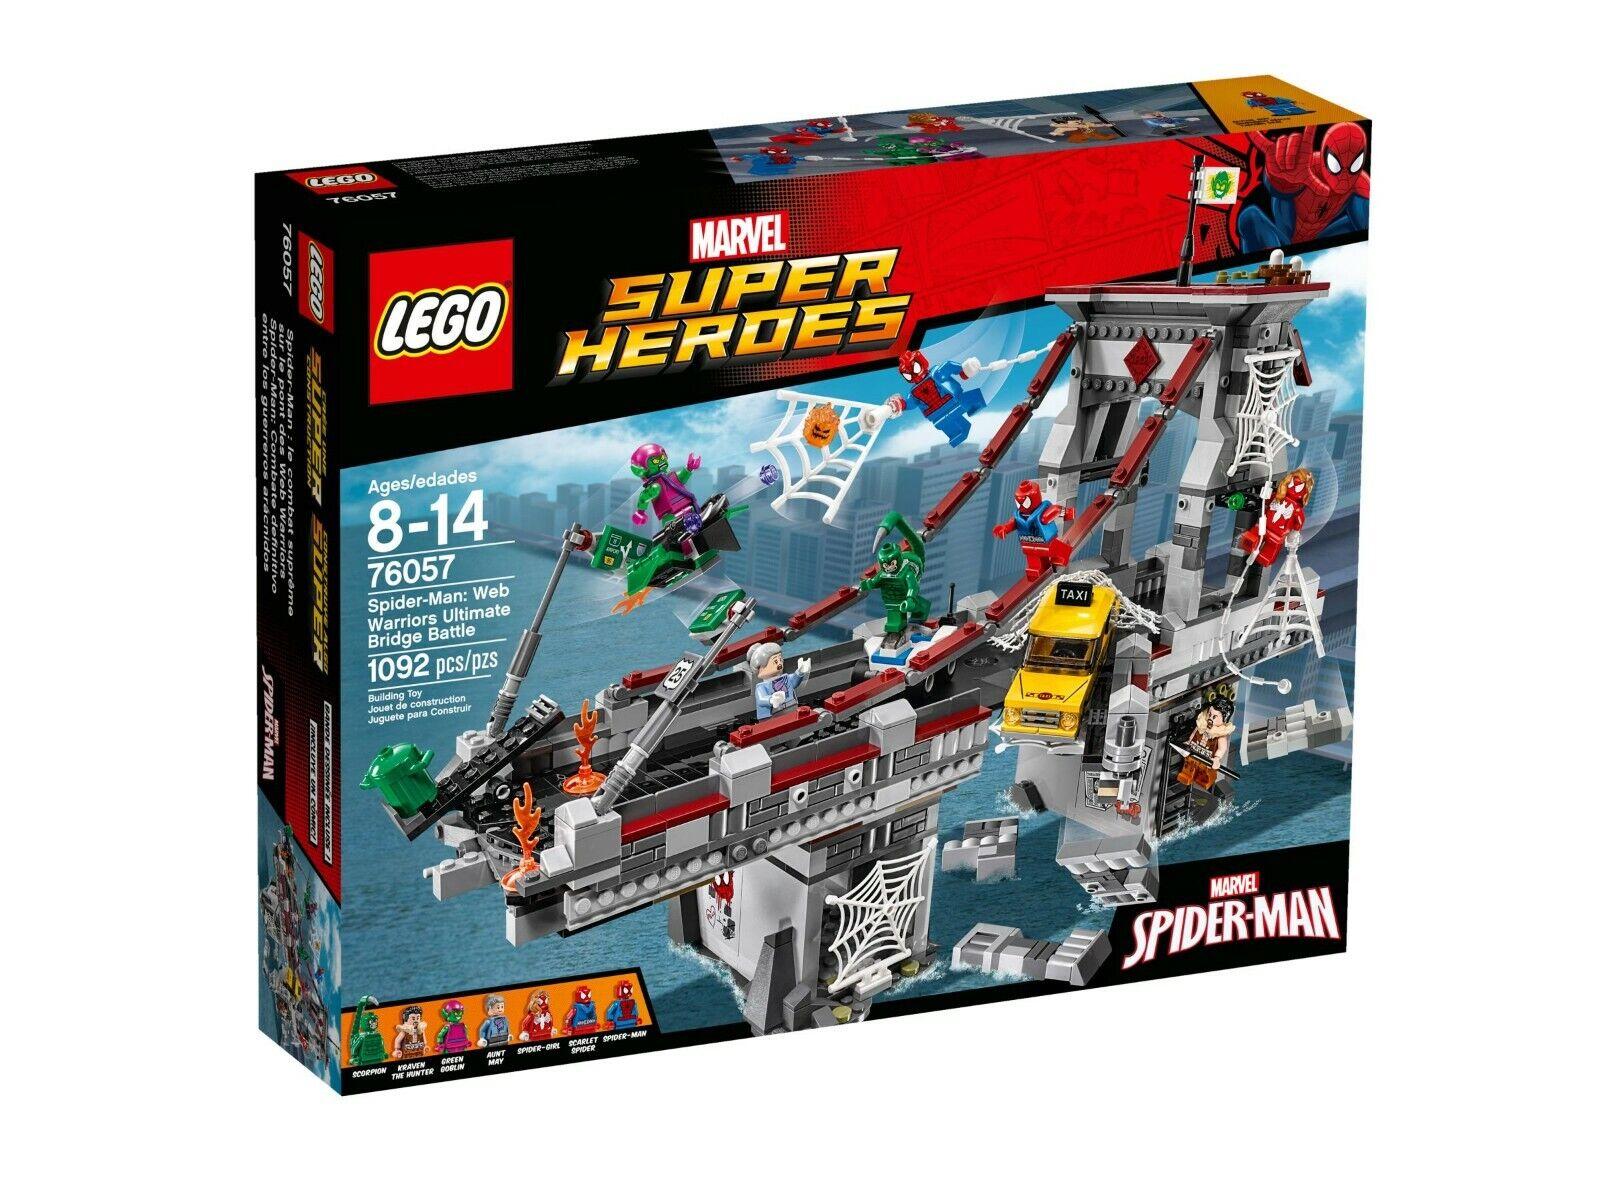 a prezzi accessibili LEGO ® MARVEL SUPER HEROES HEROES HEROES 76057 Spider-uomo gratificati ponti duello Nuovo Scatola Originale  alla moda